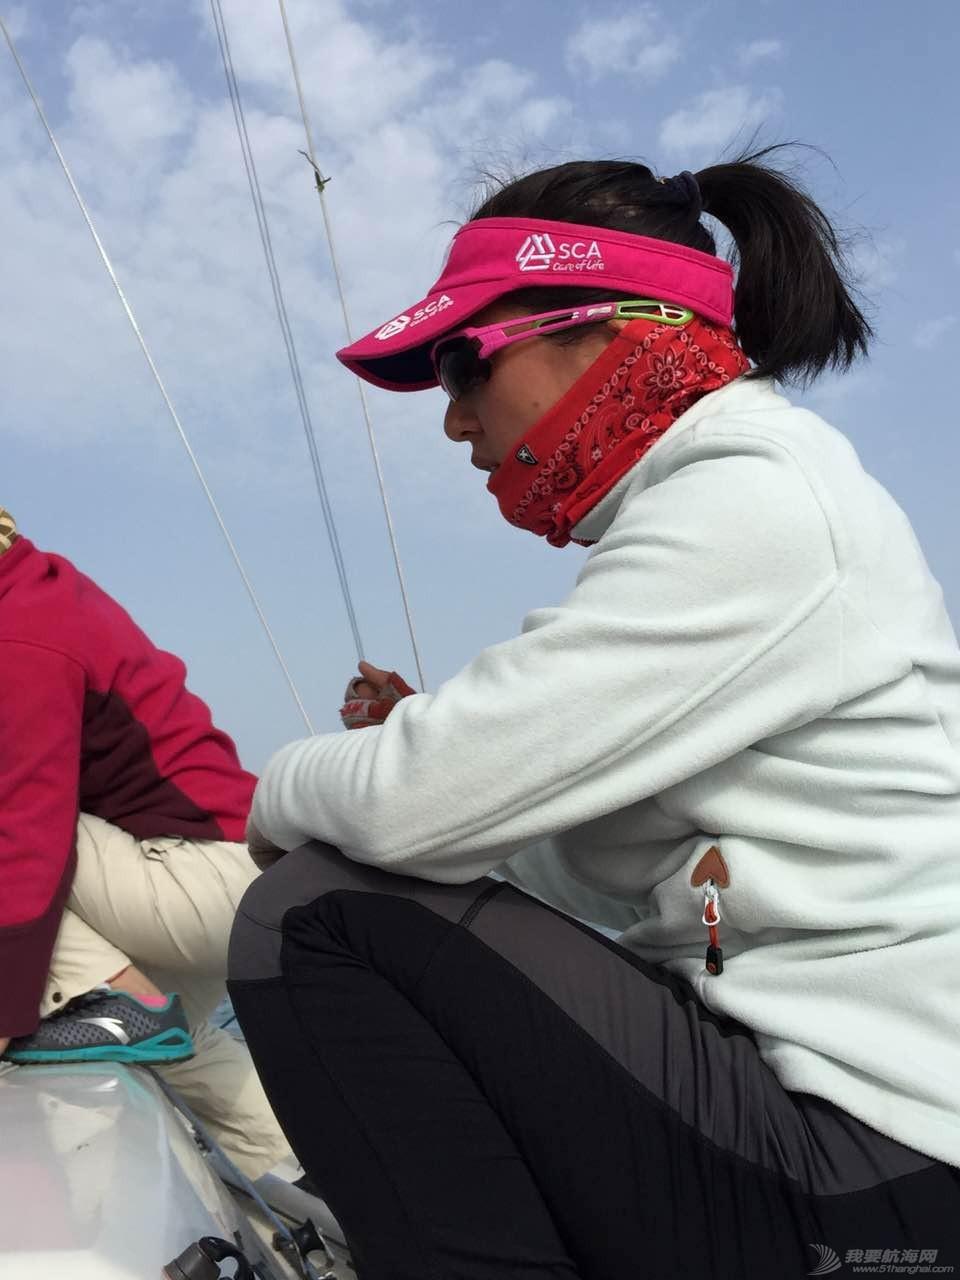 中国女子,退役运动员,联合国,帆船运动,青岛市 中国最牛女子帆船队 IMG_8114.JPG